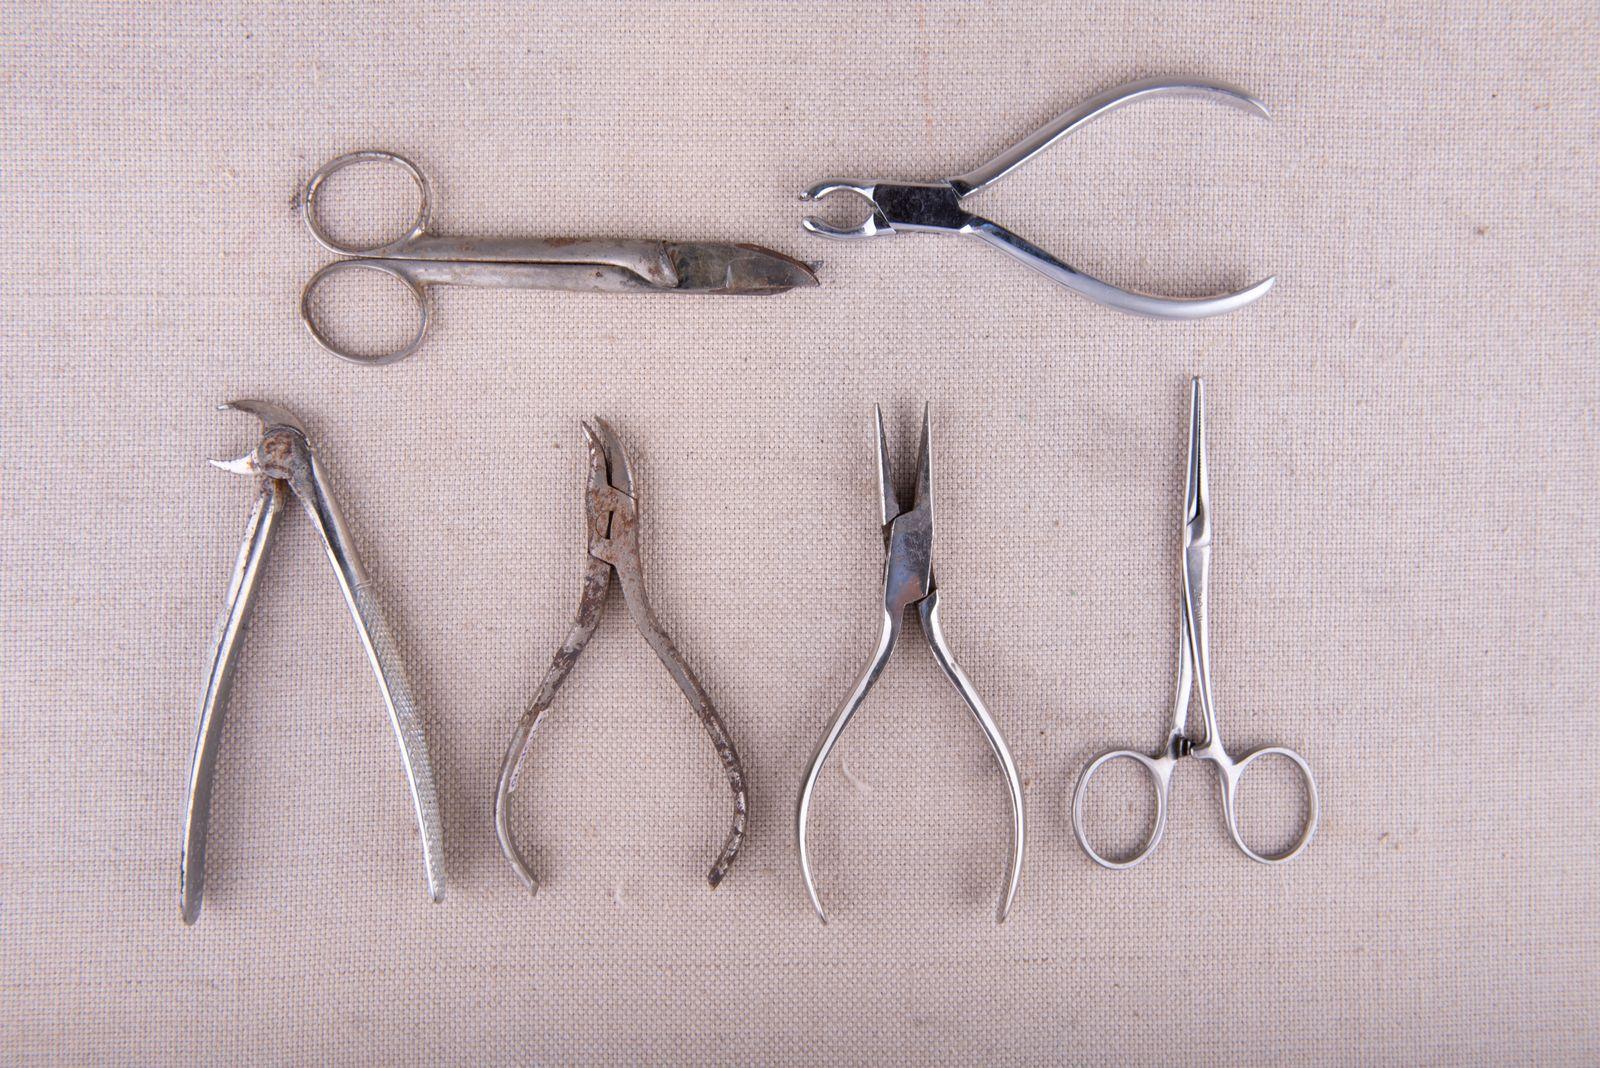 Muzei280_Клещи, кохер и ножици